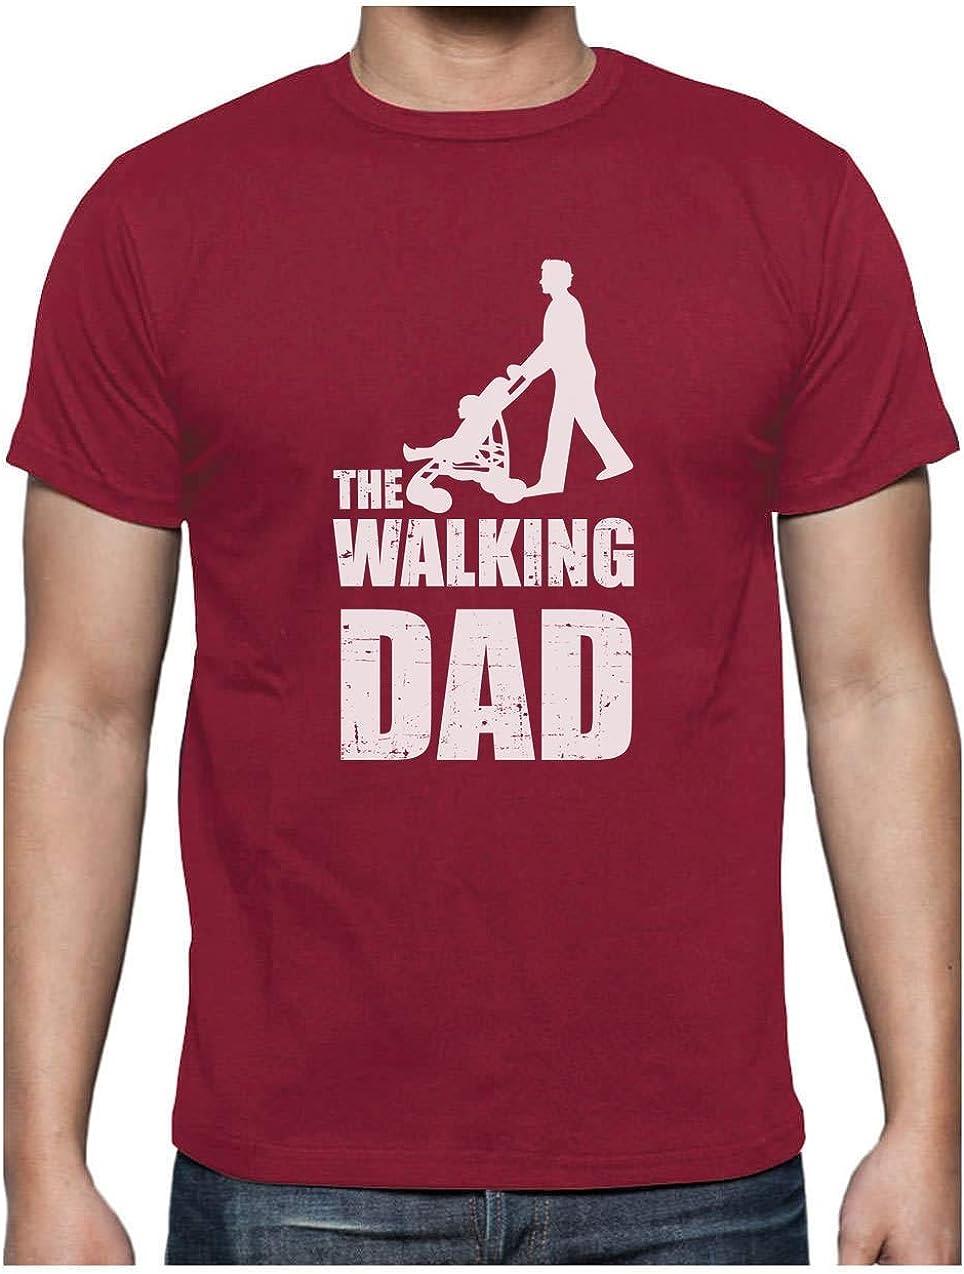 Regalos Originales para Padres Primerizos Green Turtle T-Shirts Camiseta para Hombre The Walking Dad